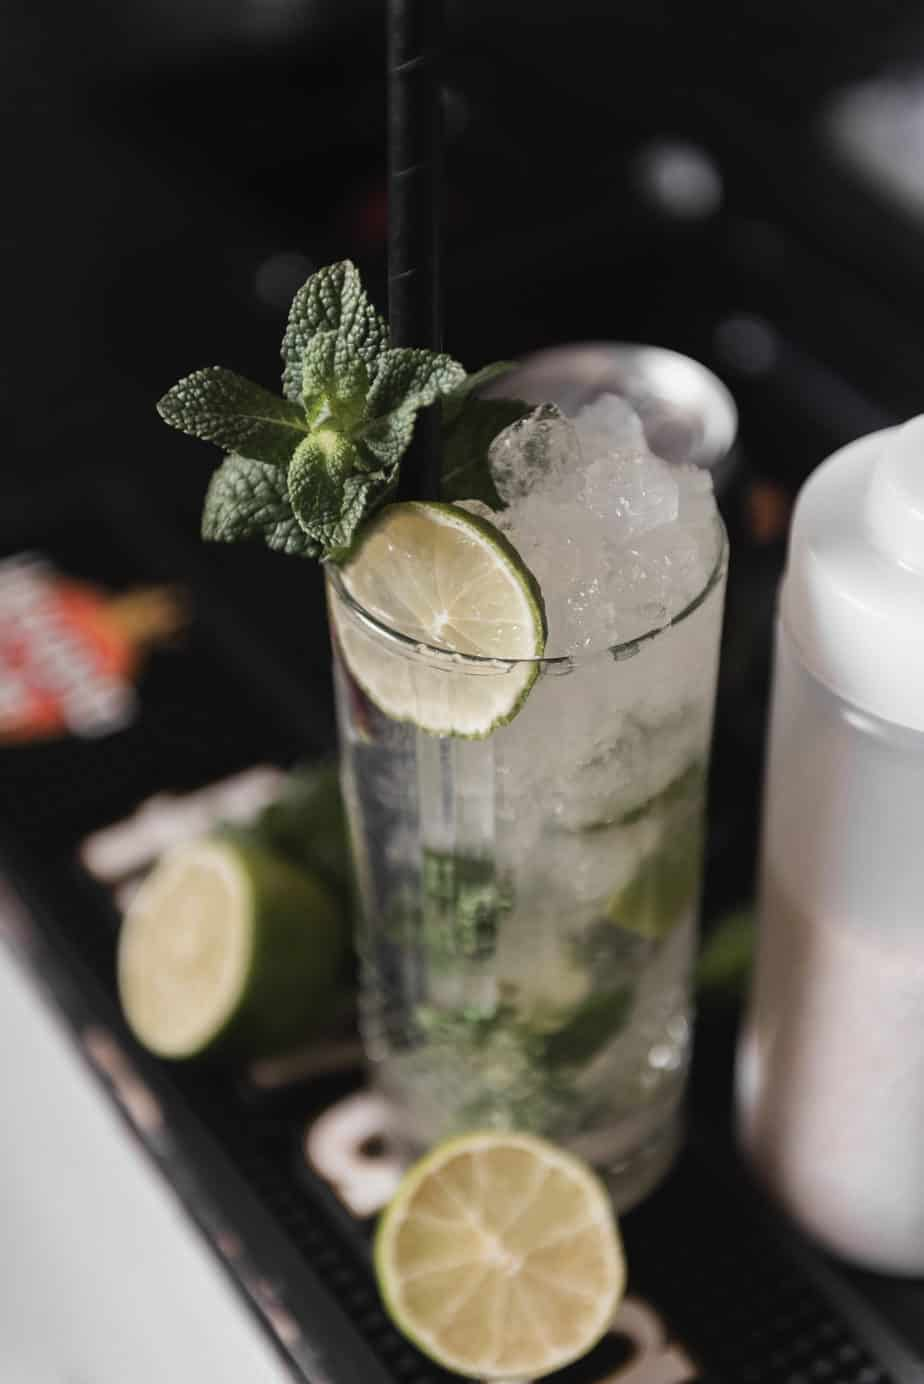 Mojito uden alkohol opskrift - Alkoholfri cocktail opskrift - bedste alkoholfrie mojito opskrift - alkoholfri mojito opskrift